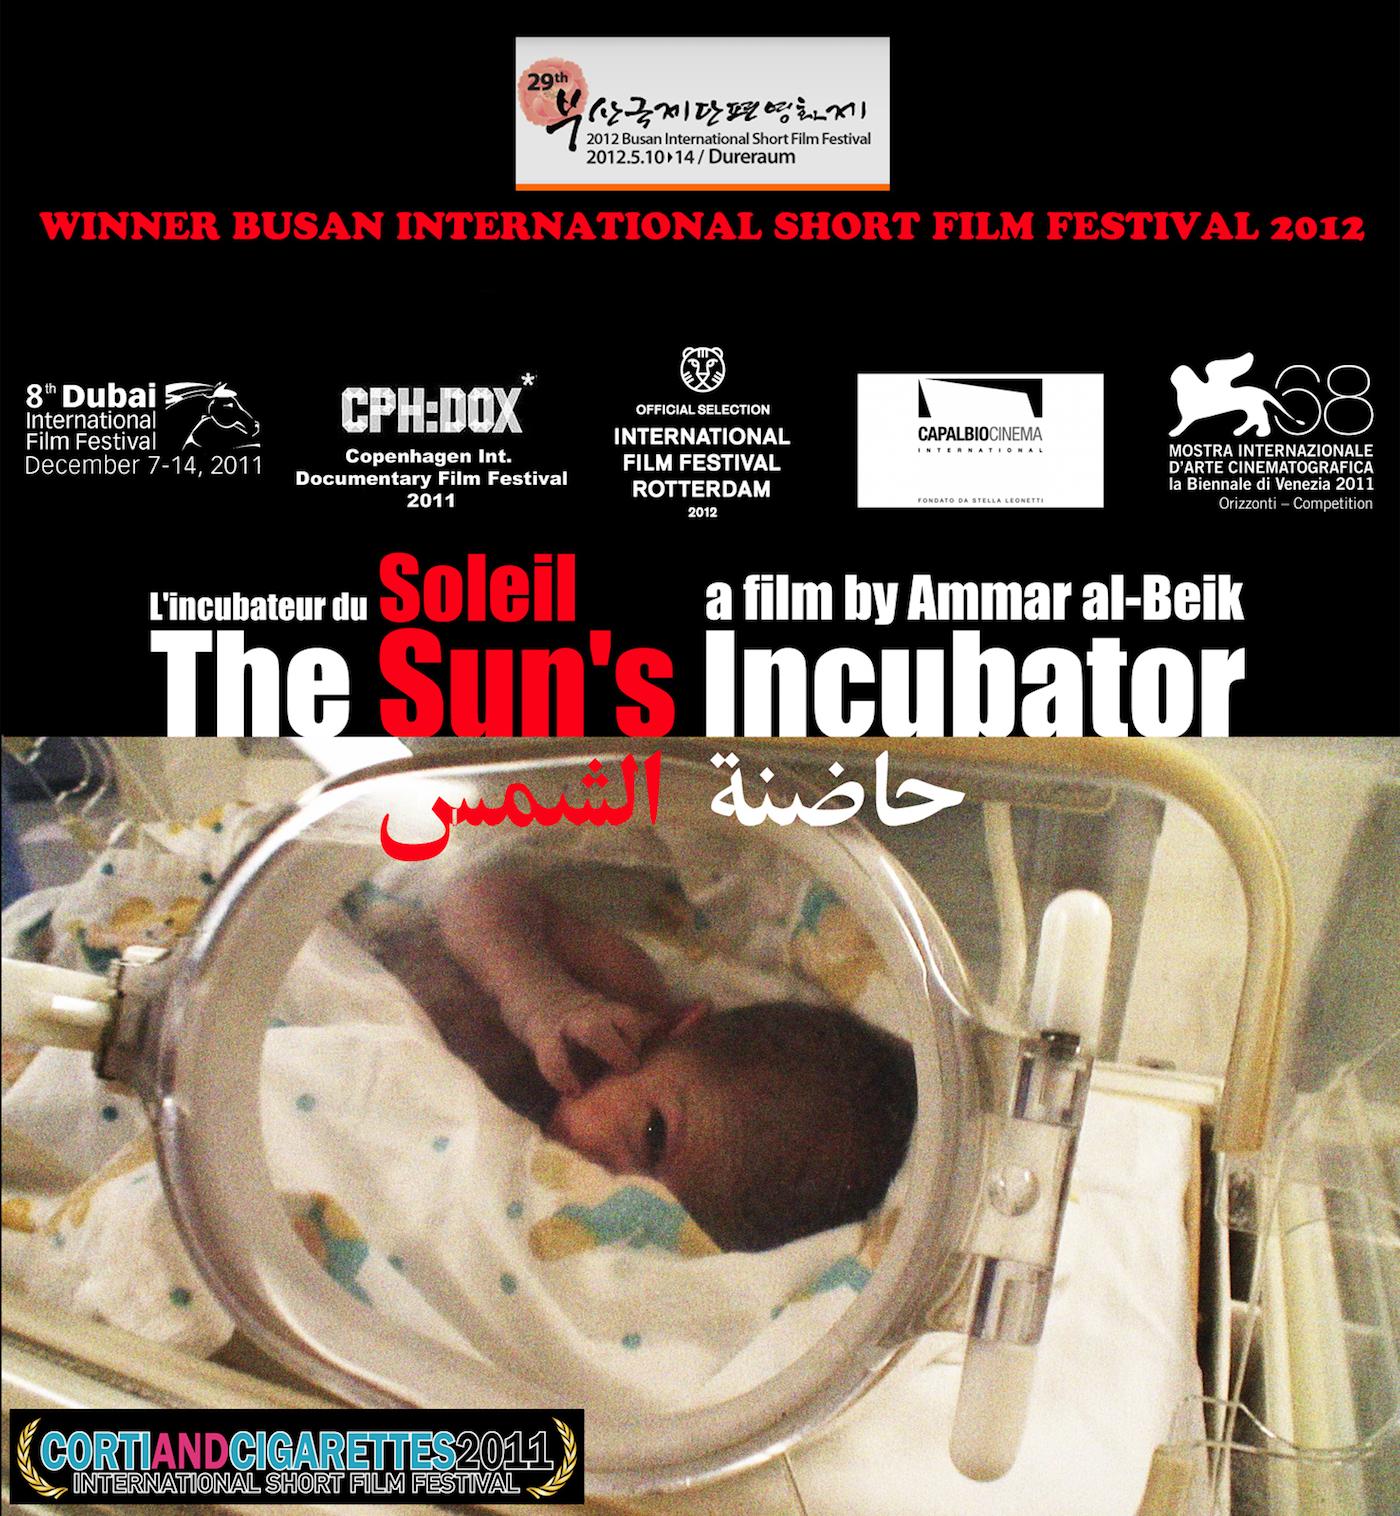 the-suns-incubator-photo-2-less-q